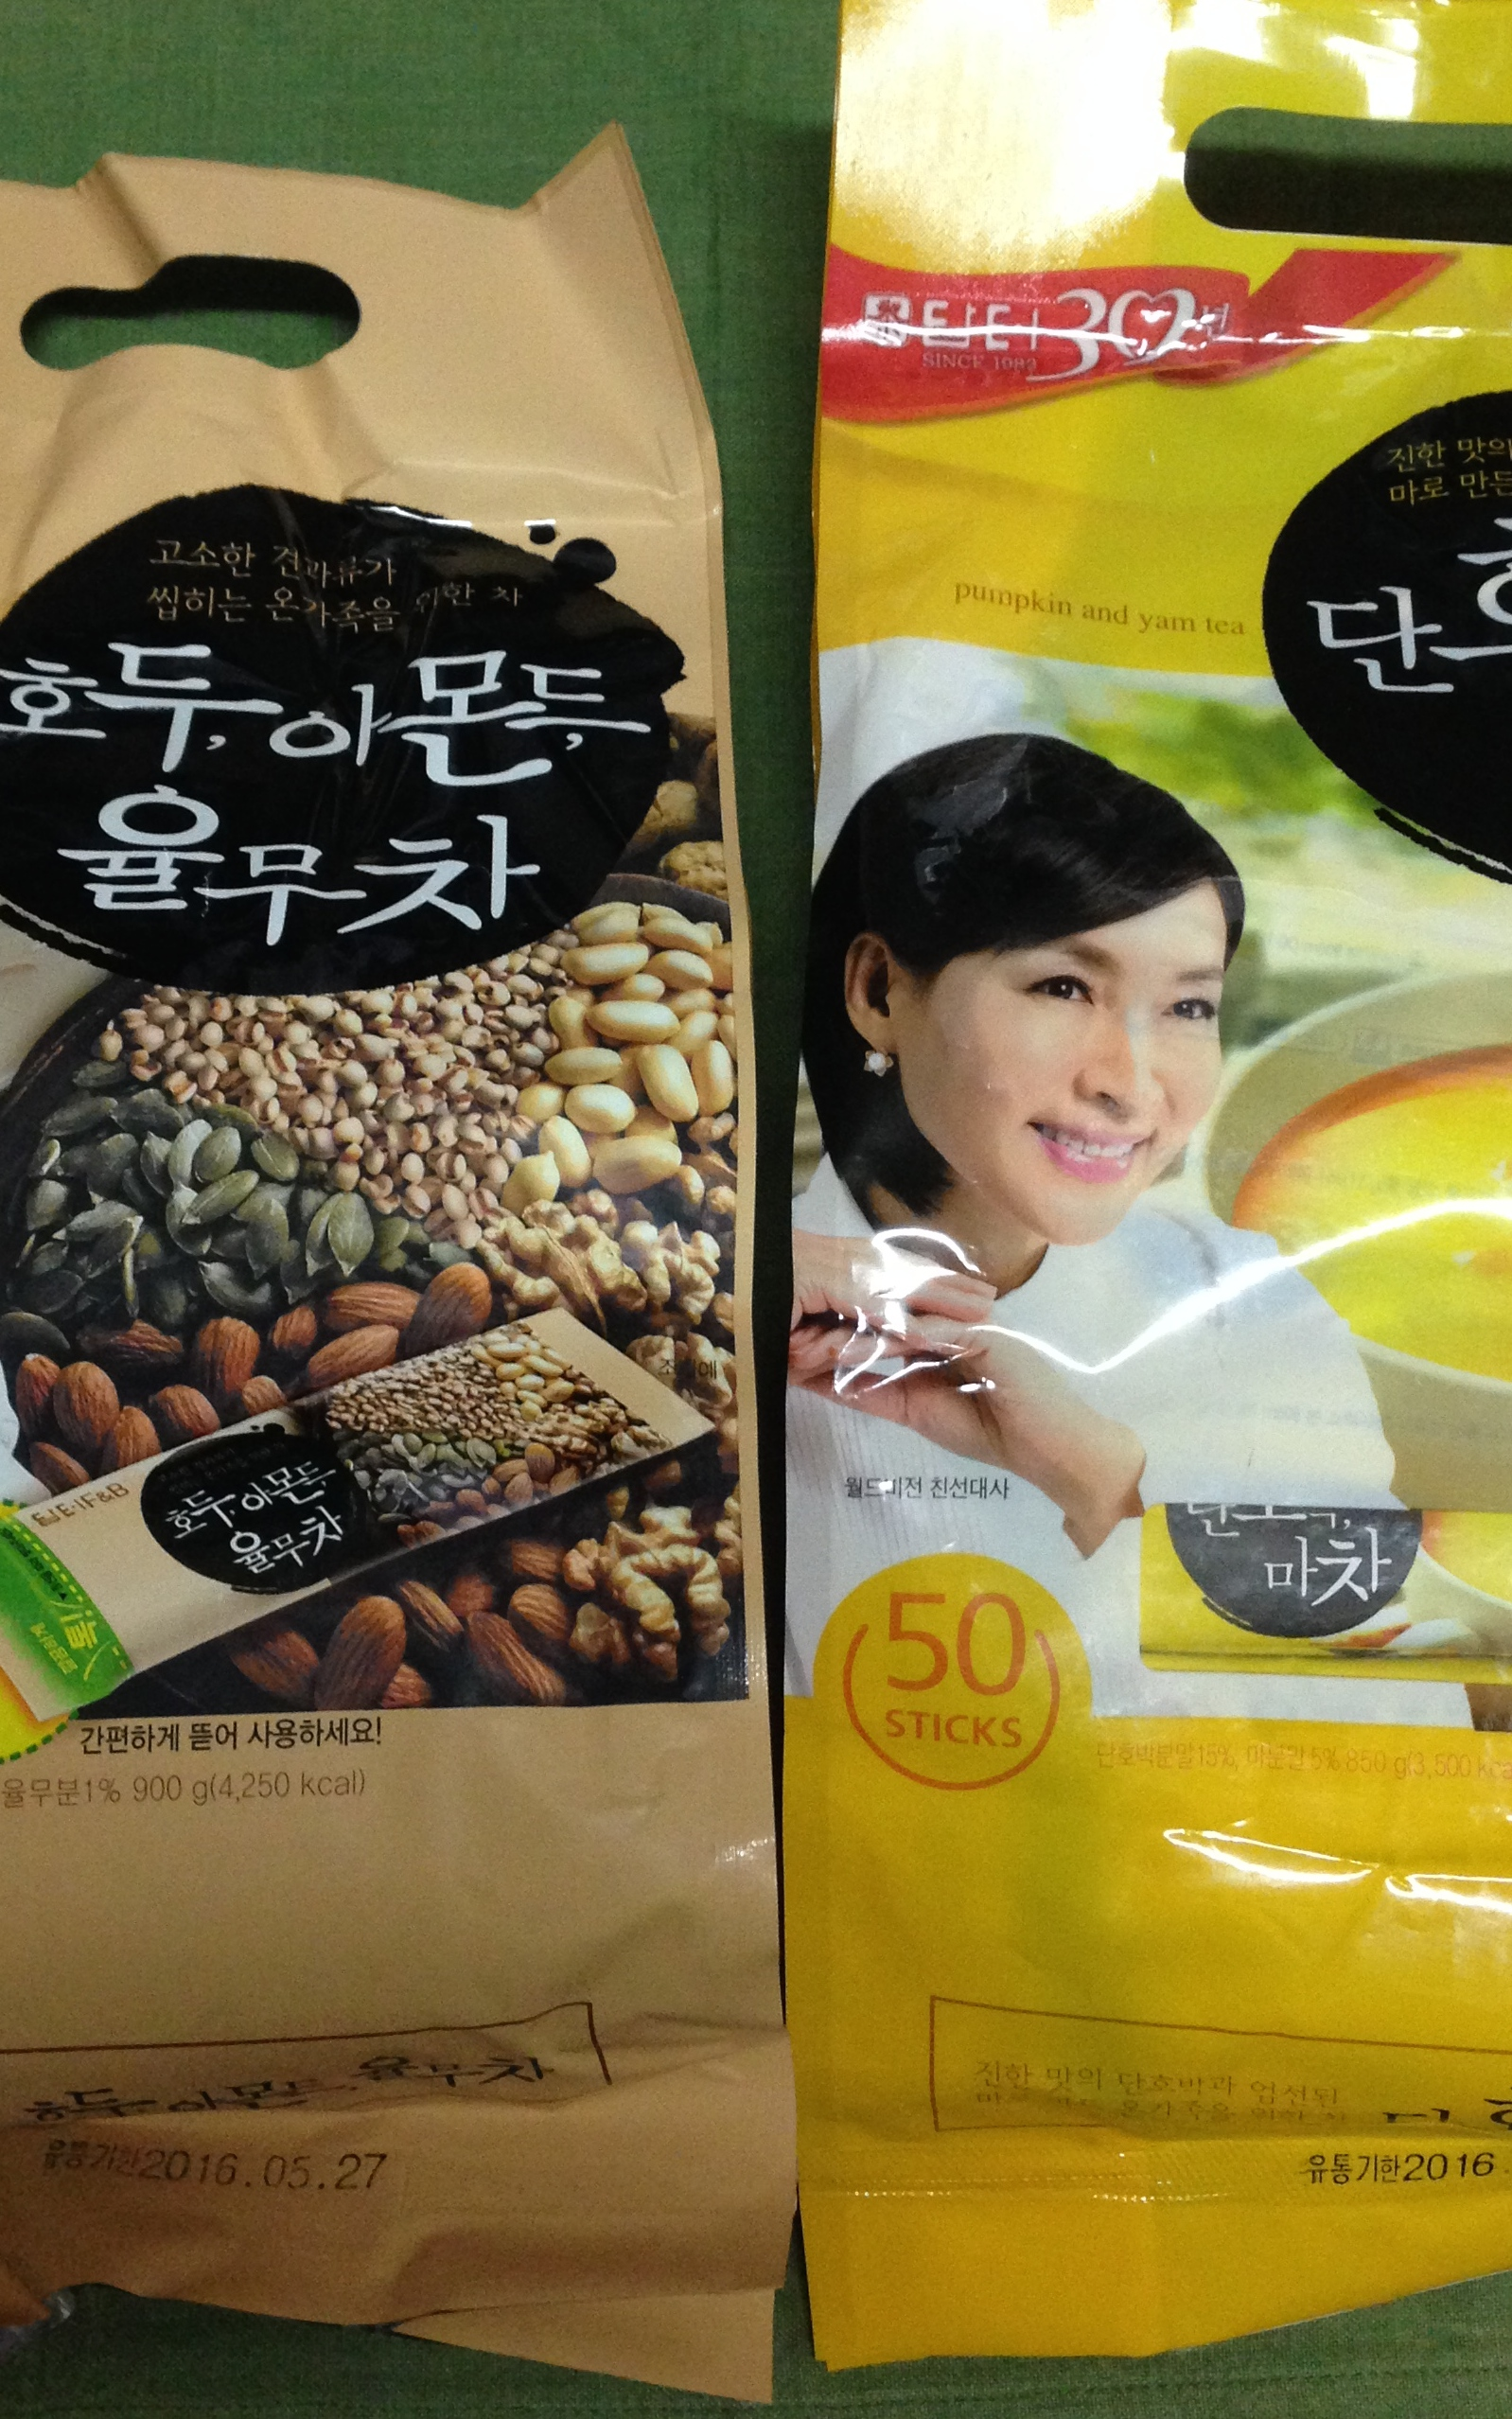 ナッツがたっぷり入った韓国のお茶